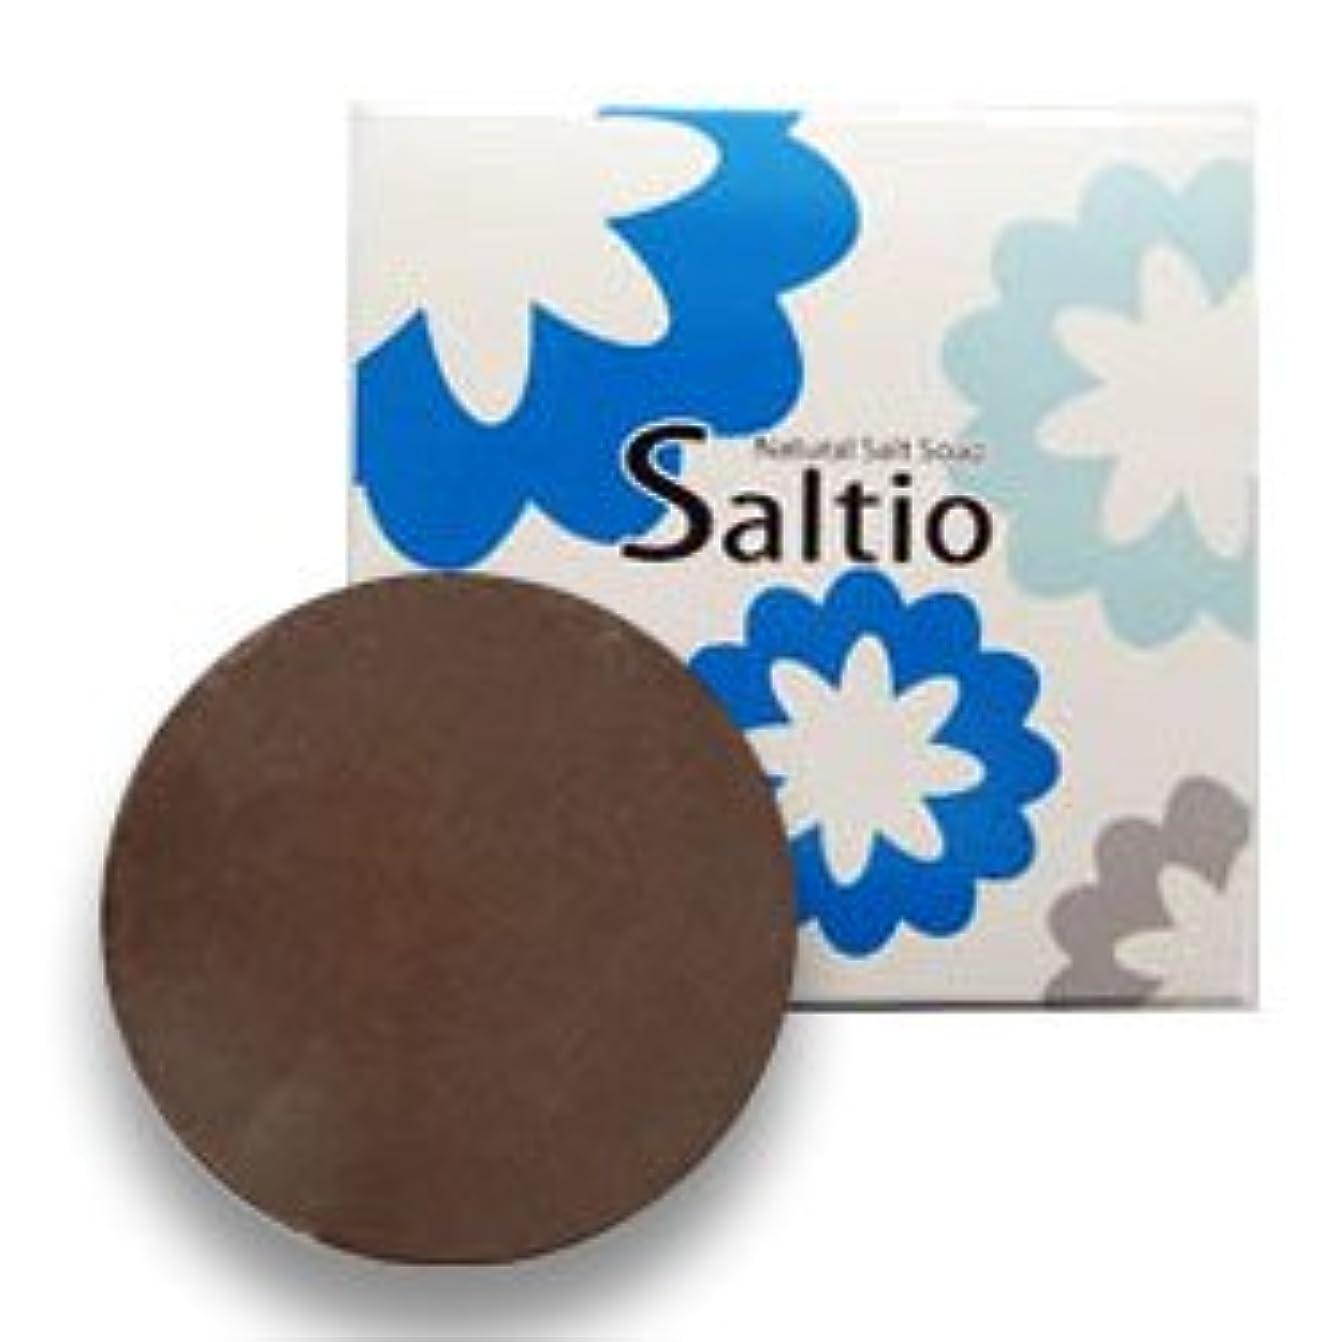 いいね怠感努力する無添加 石鹸 Saltio ソルティオ 泡立てネット 付き ( 洗顔?浴用 石けん ) 80g  / デオドラント